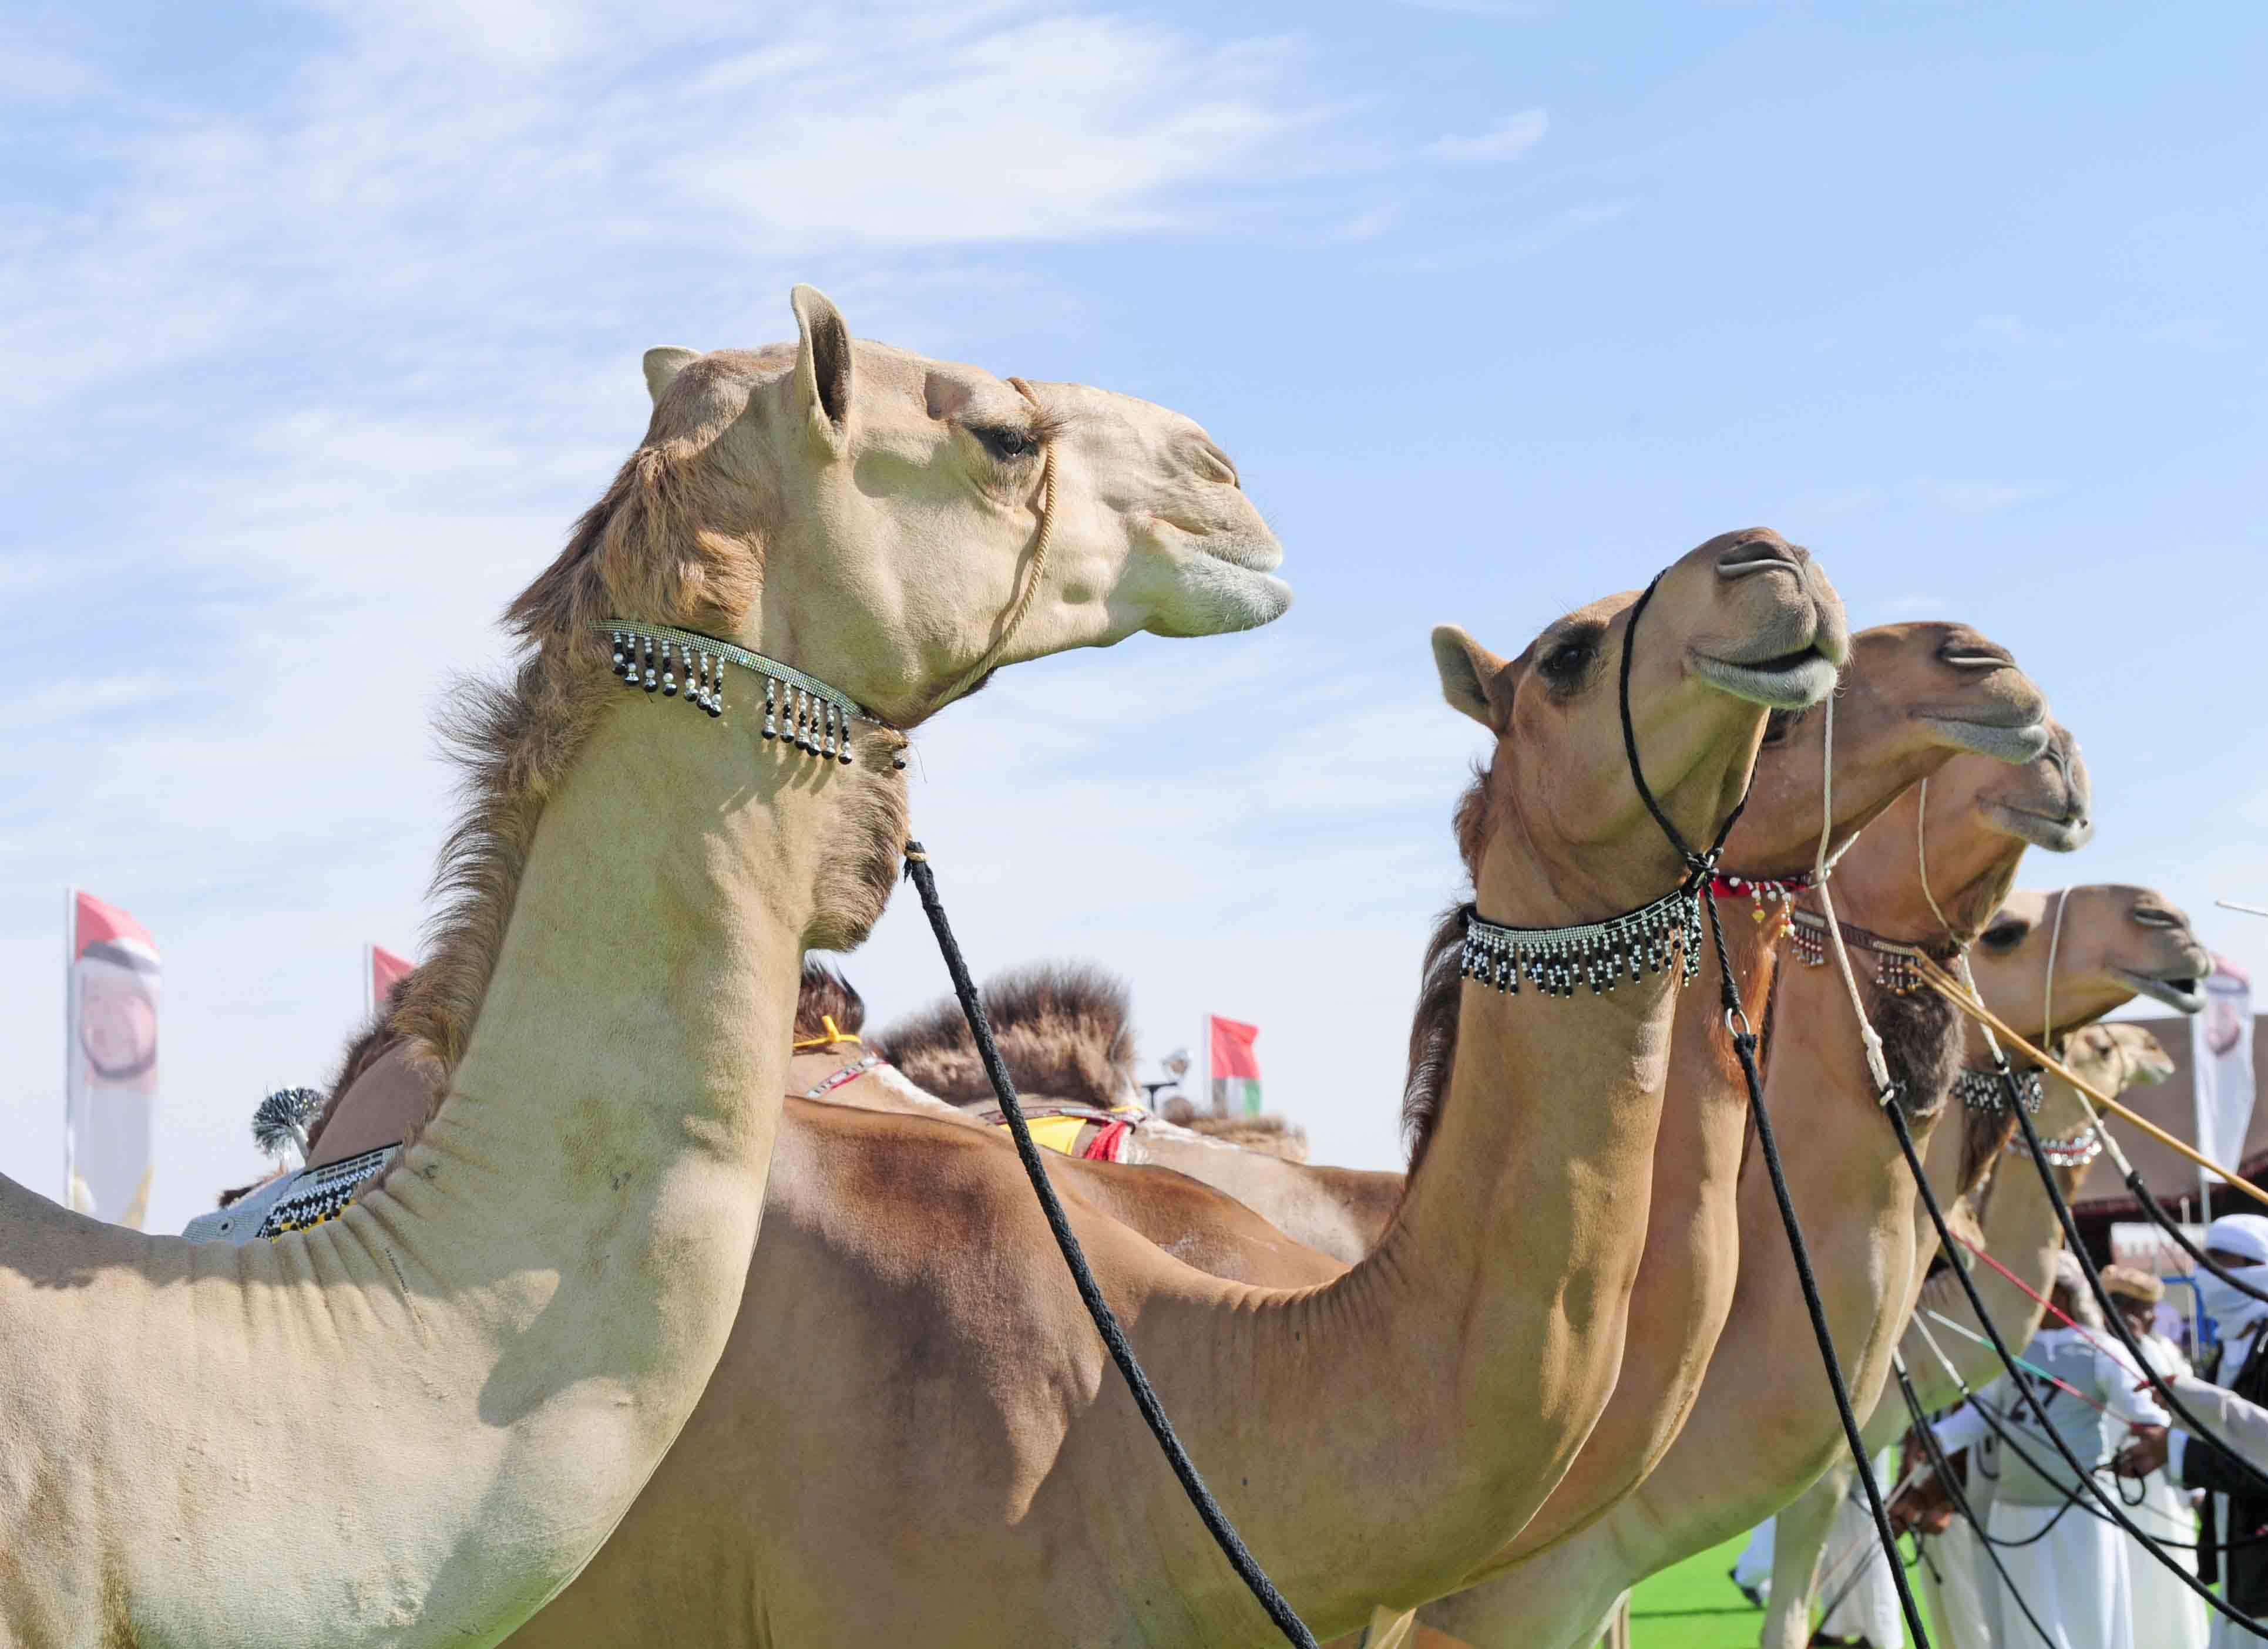 أنشطة داخل حديقة صقر رأس الخيمة الامارات | حديقة صقر رأس الخيمة